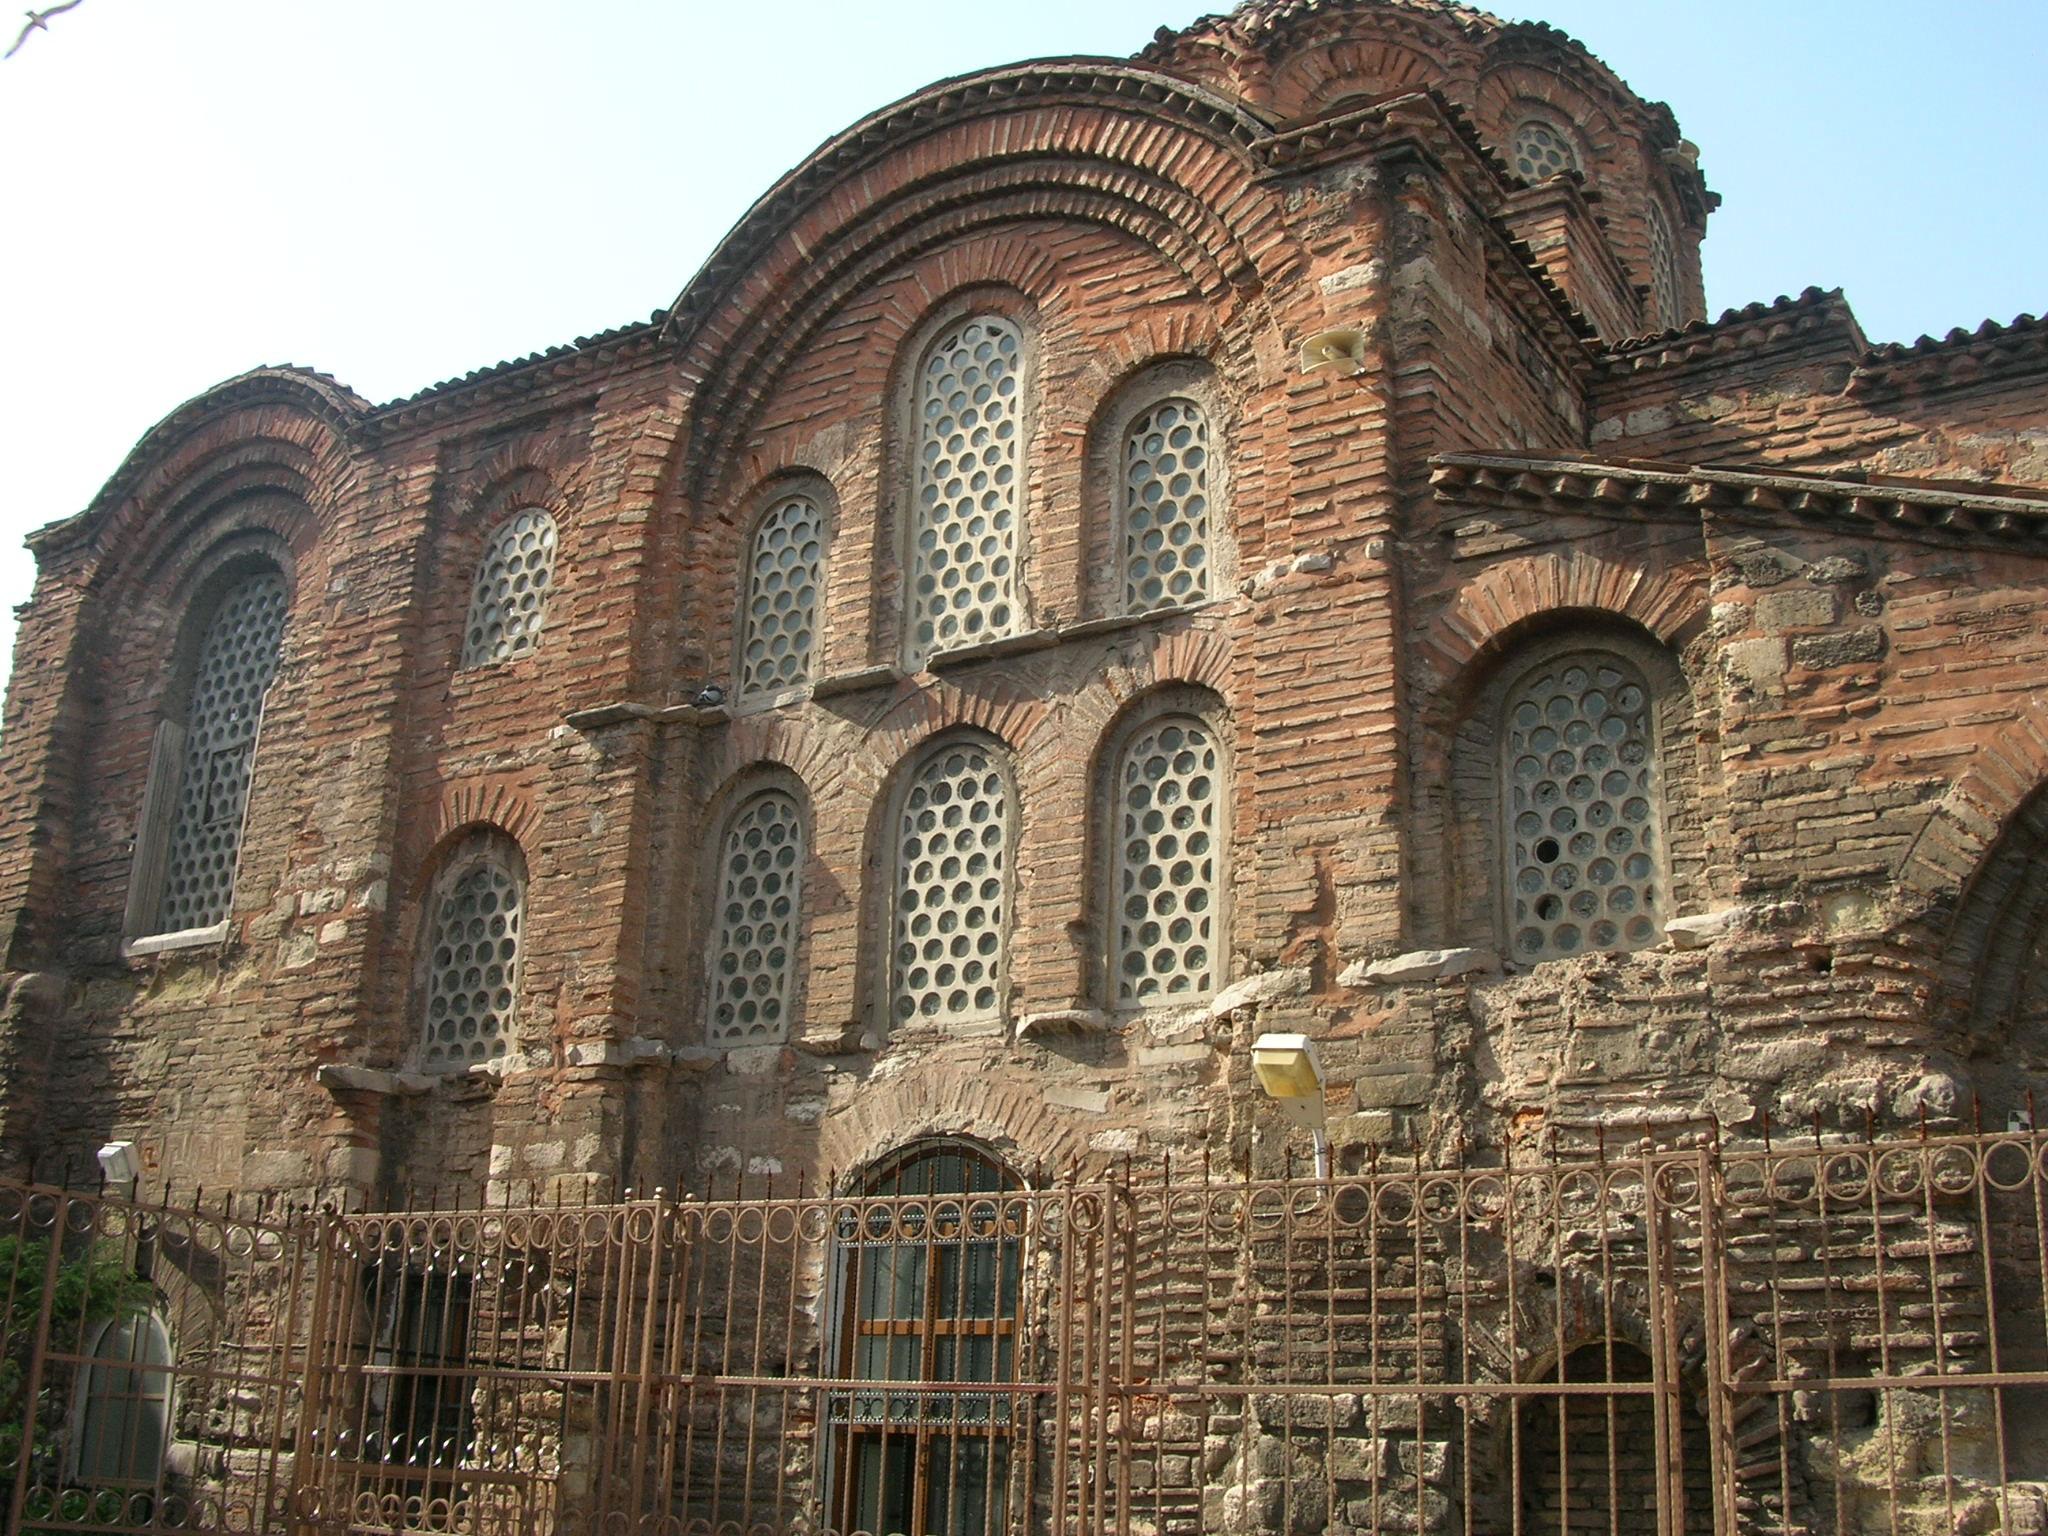 """Fatih Sultan Mehmet zamanında camiye dönüştürülen bu yapının tarihi 12'nci yüzyılın ilk çeyreğine dek uzanıyor. Binanın bütünü, Fatih zamanında camiye çevrilmiş olmakla birlikte şu sıralarda yalnız güney kısmı cami olarak kullanılıyor. Fatih Sultan Mehmet İstanbul'un fethinden sonra, kendi cami ve külliyesini yaptırıncaya kadar, Pantokrator'un ayakta kalmış binalarını medreseye çevirdi. Başına da o dönemin önemli bilginlerinden Zeyrek Mehmet Efendi'yi getirdi. Bu nedenle bu yapı ve içinde yer aldığı semt """"Zeyrek"""" olarak adlandırılıyor.  Zeyrehane'de tam sırtınızda Zeyrek Camii, önünüzde Süleymaniye, bakış açınıza göre Haliç, Karaköy Limanı, Üsküdar, Kız Kulesi ve Kadıköy'e kadar uzanan muhteşem bir manzara var. Tarihi dokuya sadık kalınarak restore edilen mekânın iç dekorasyonunda geleneksel Türk motifleri hâkim."""